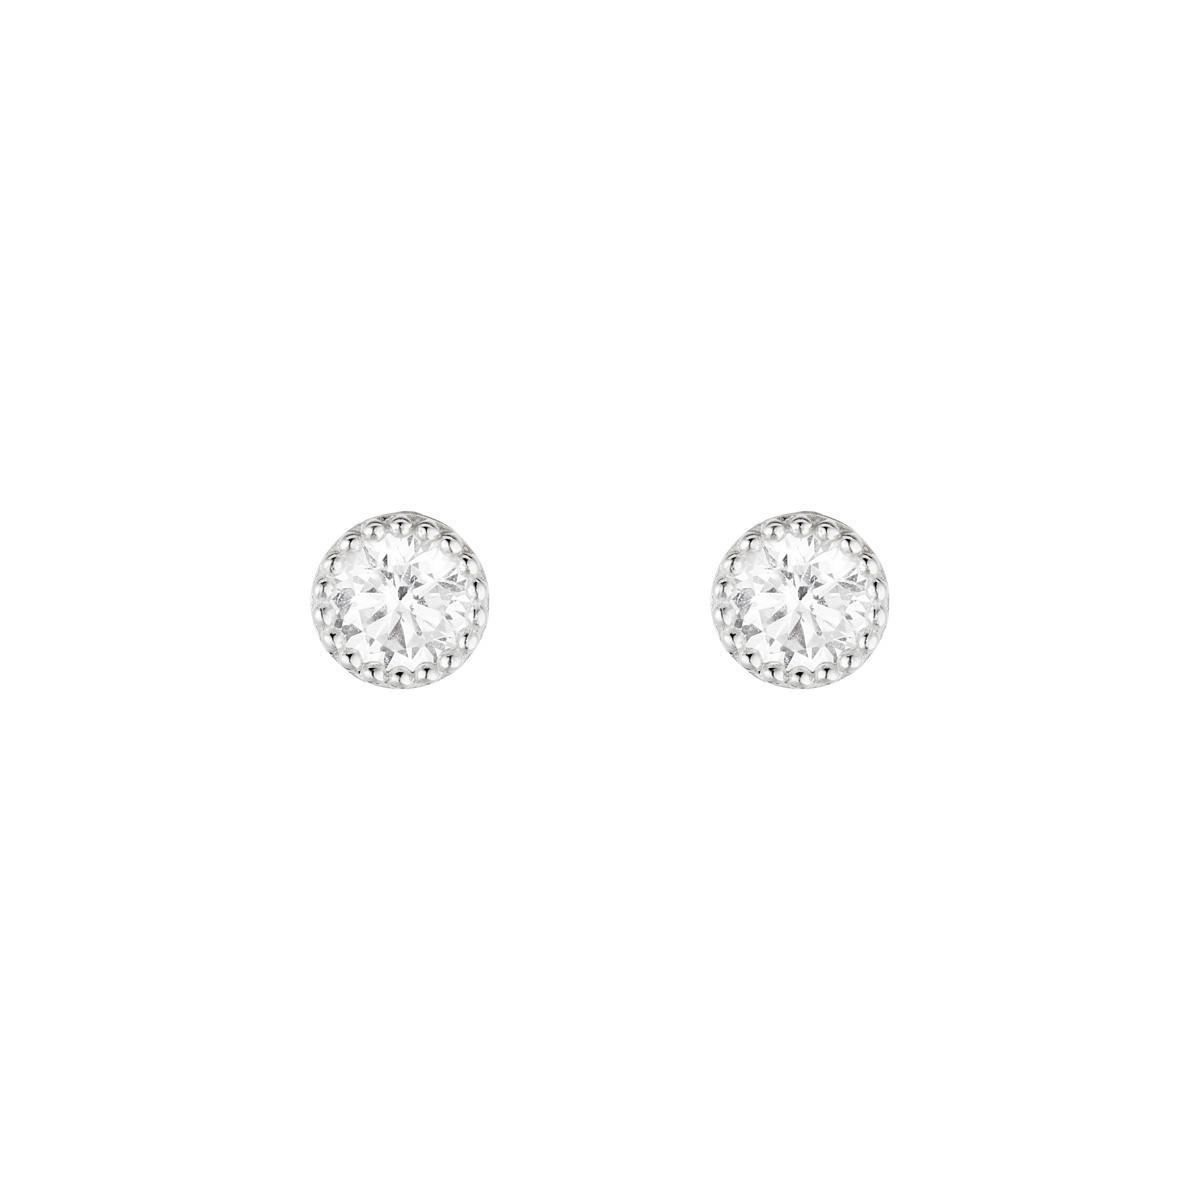 Boucles d'oreilles femme grands ronds Or Blanc 375 et zirconium